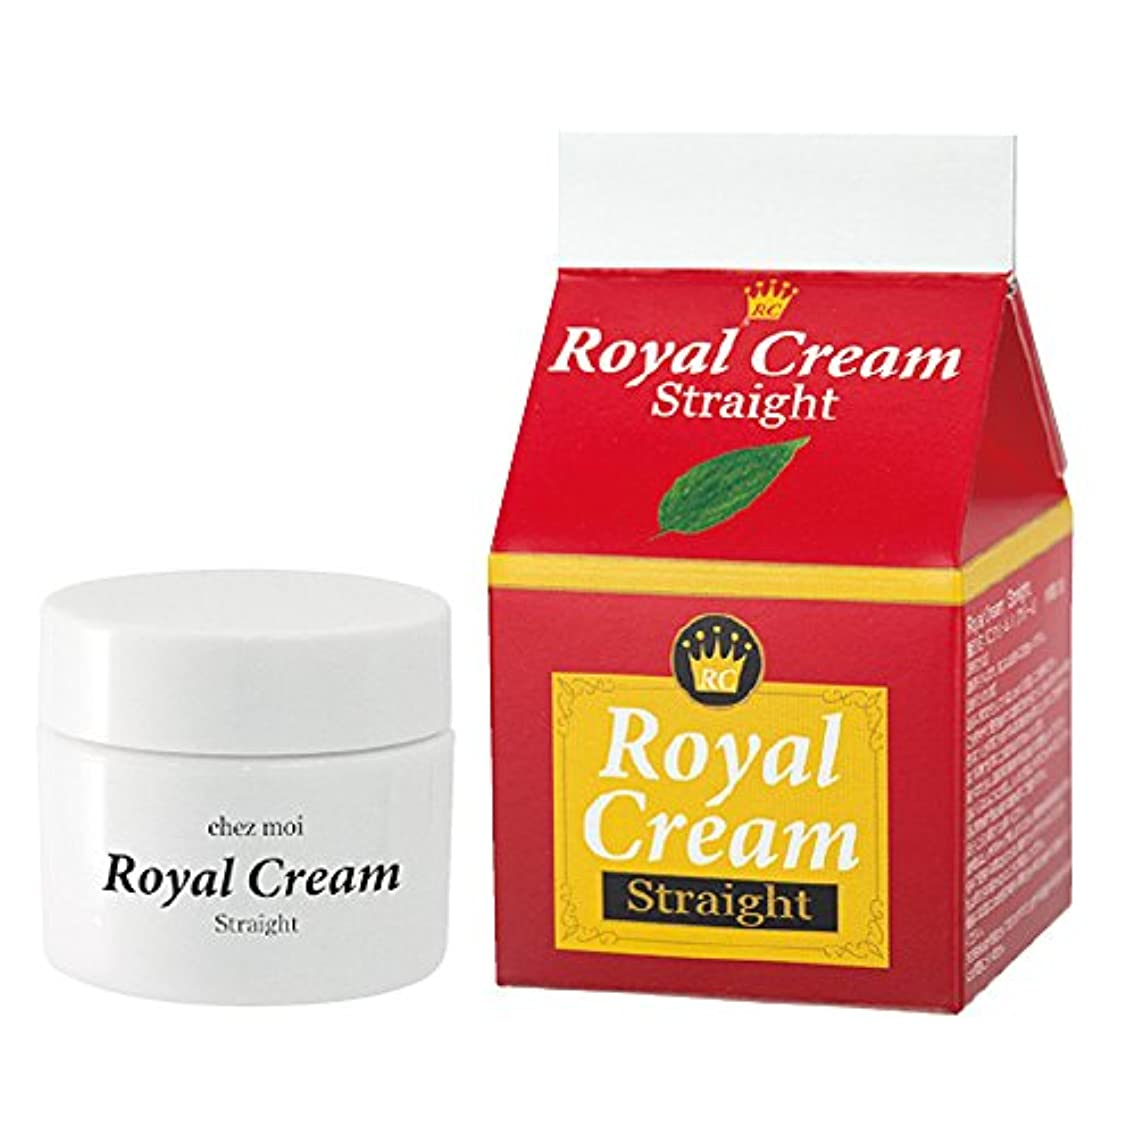 増強終了する一節シェモア Royal Cream Straight(ロイヤルクリームストレート) 30g